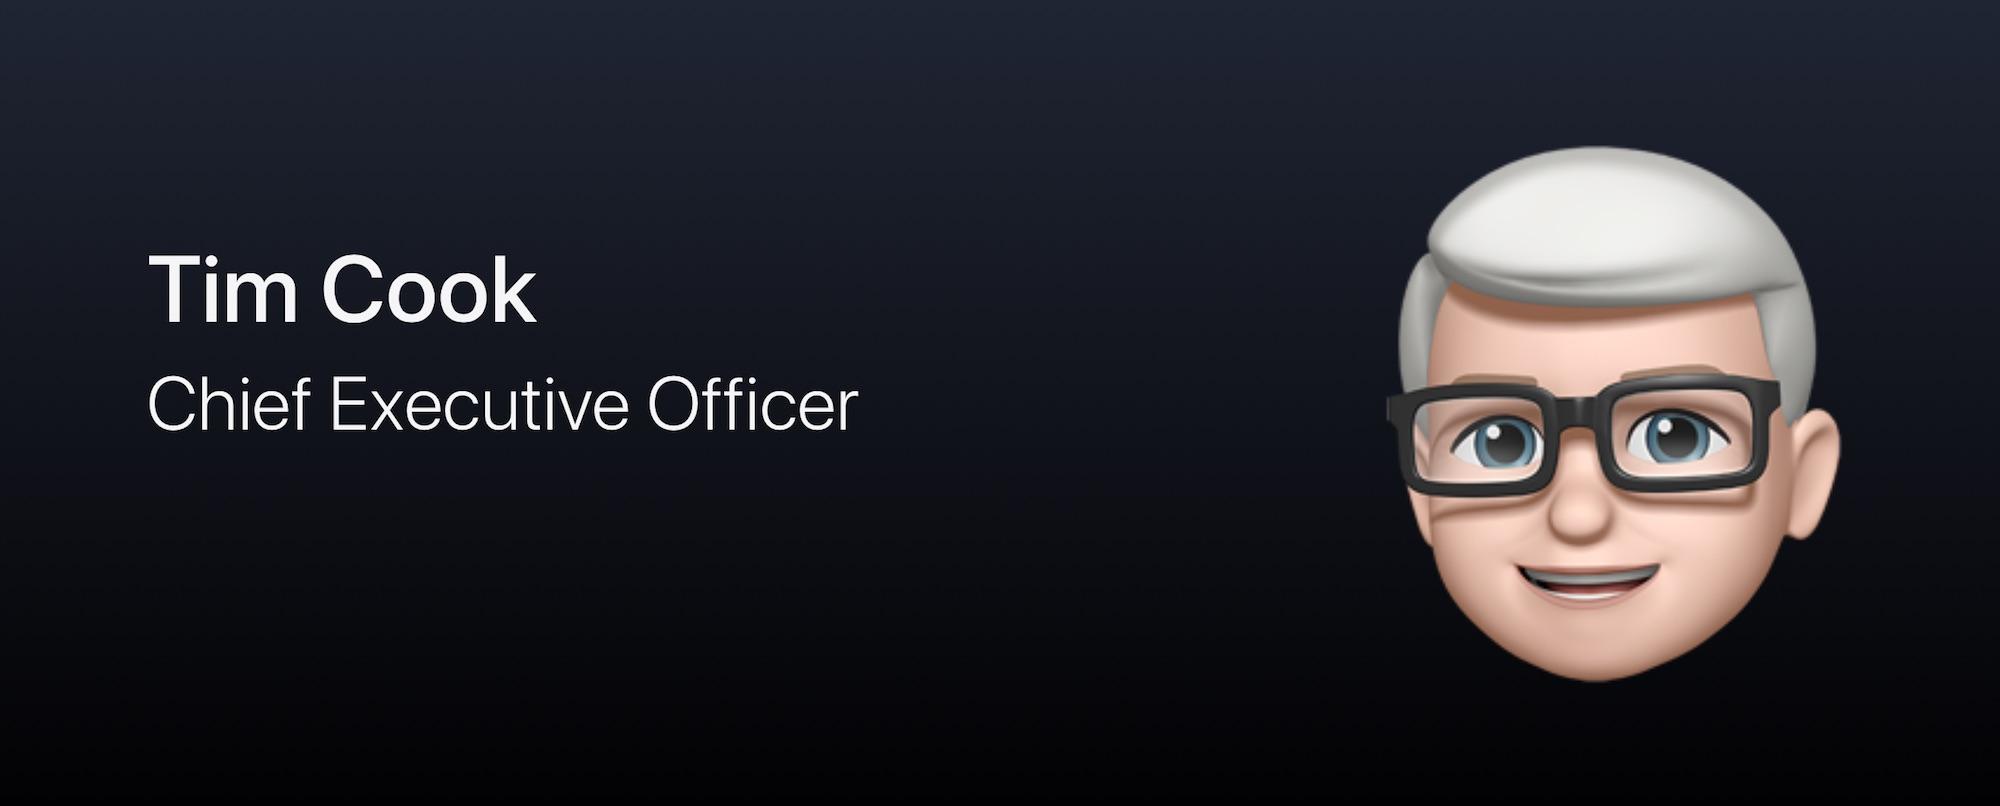 Apple、役員のプロフィール画像をミー文字に変更